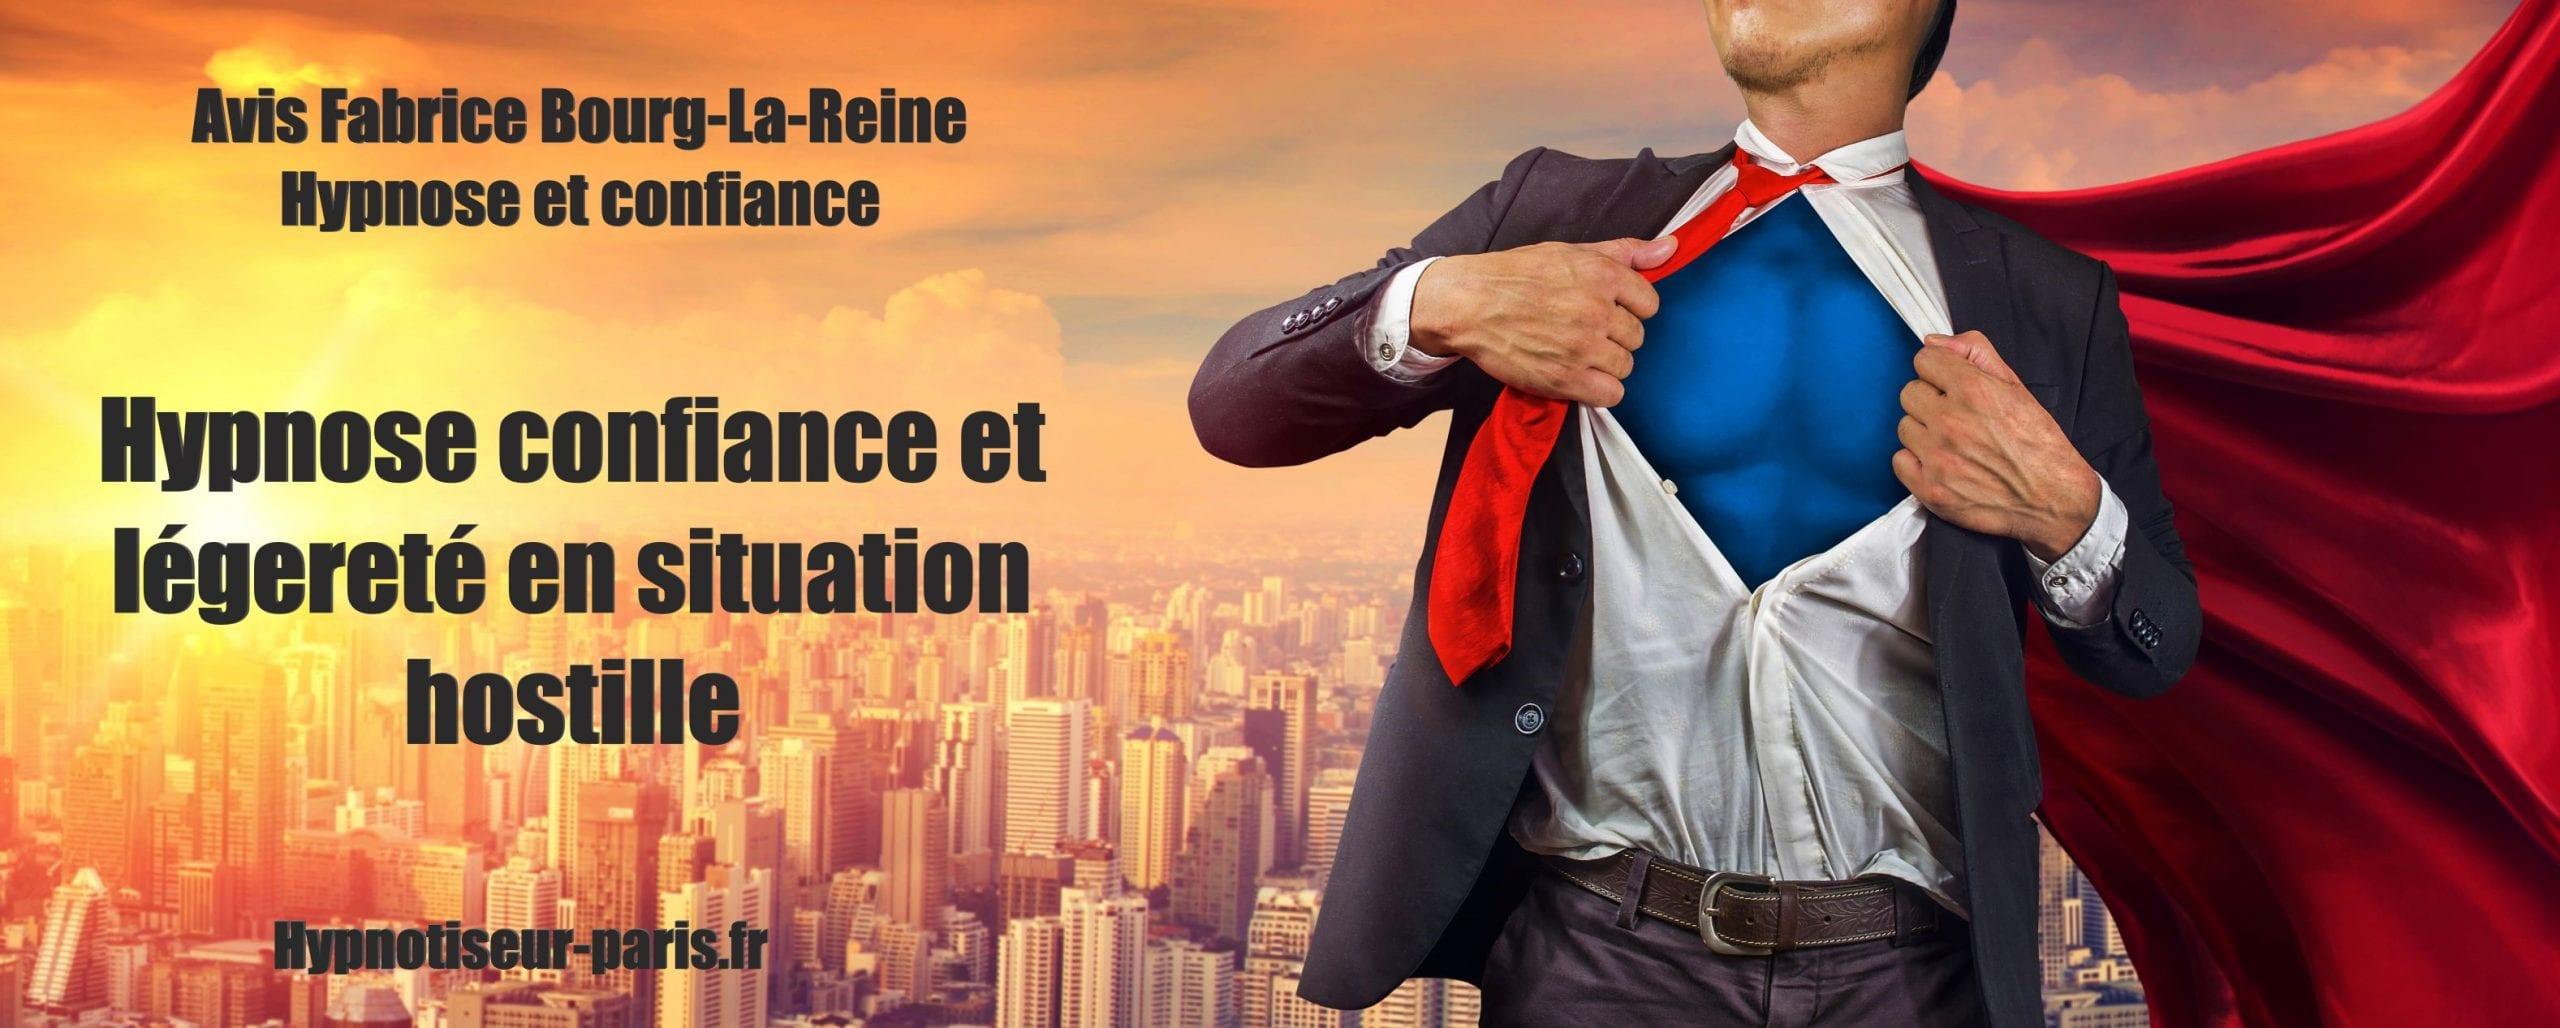 Avis Fabrice - Développez confiance et légereté en situation hostile - Shaff Ben Amar Hypnose - Bourg-la-Reine